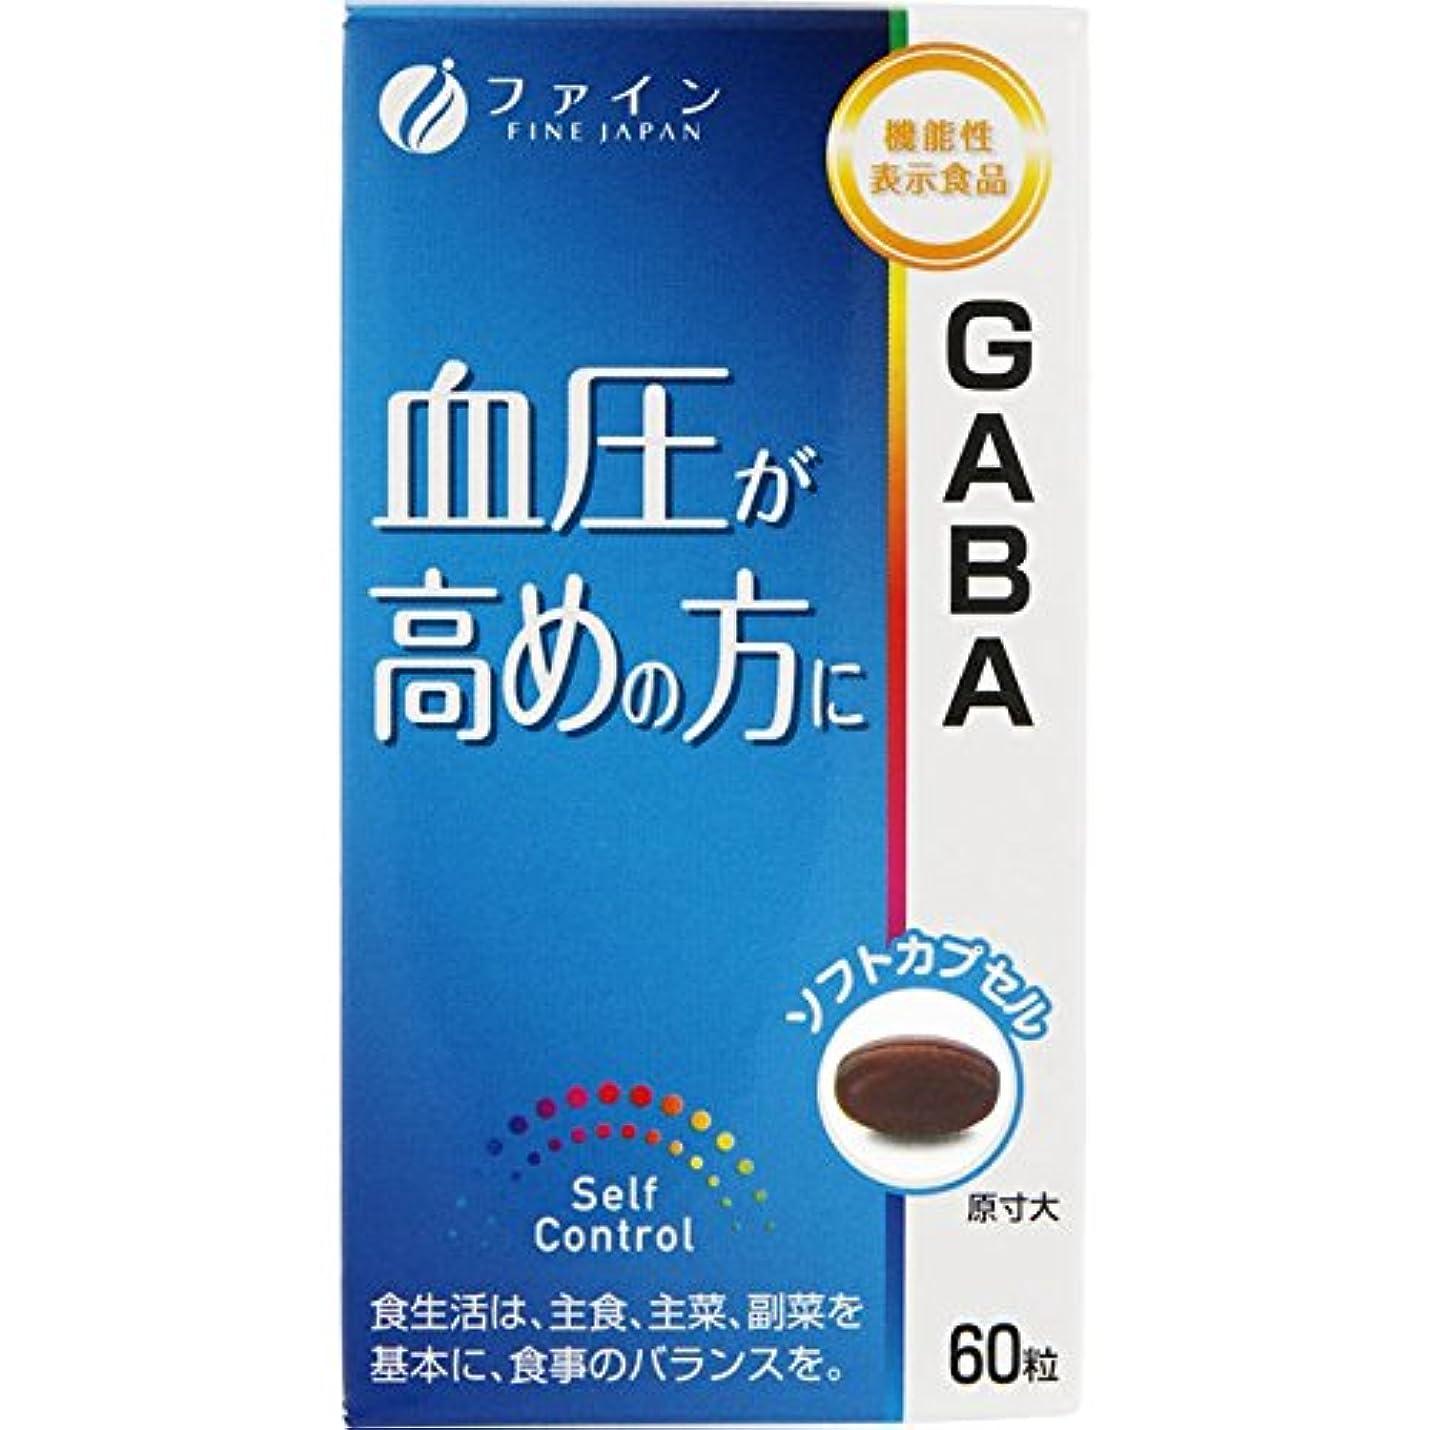 ショート実験的ウォーターフロントファイン 機能性表示食品 GABA 27g(450mg×60粒)